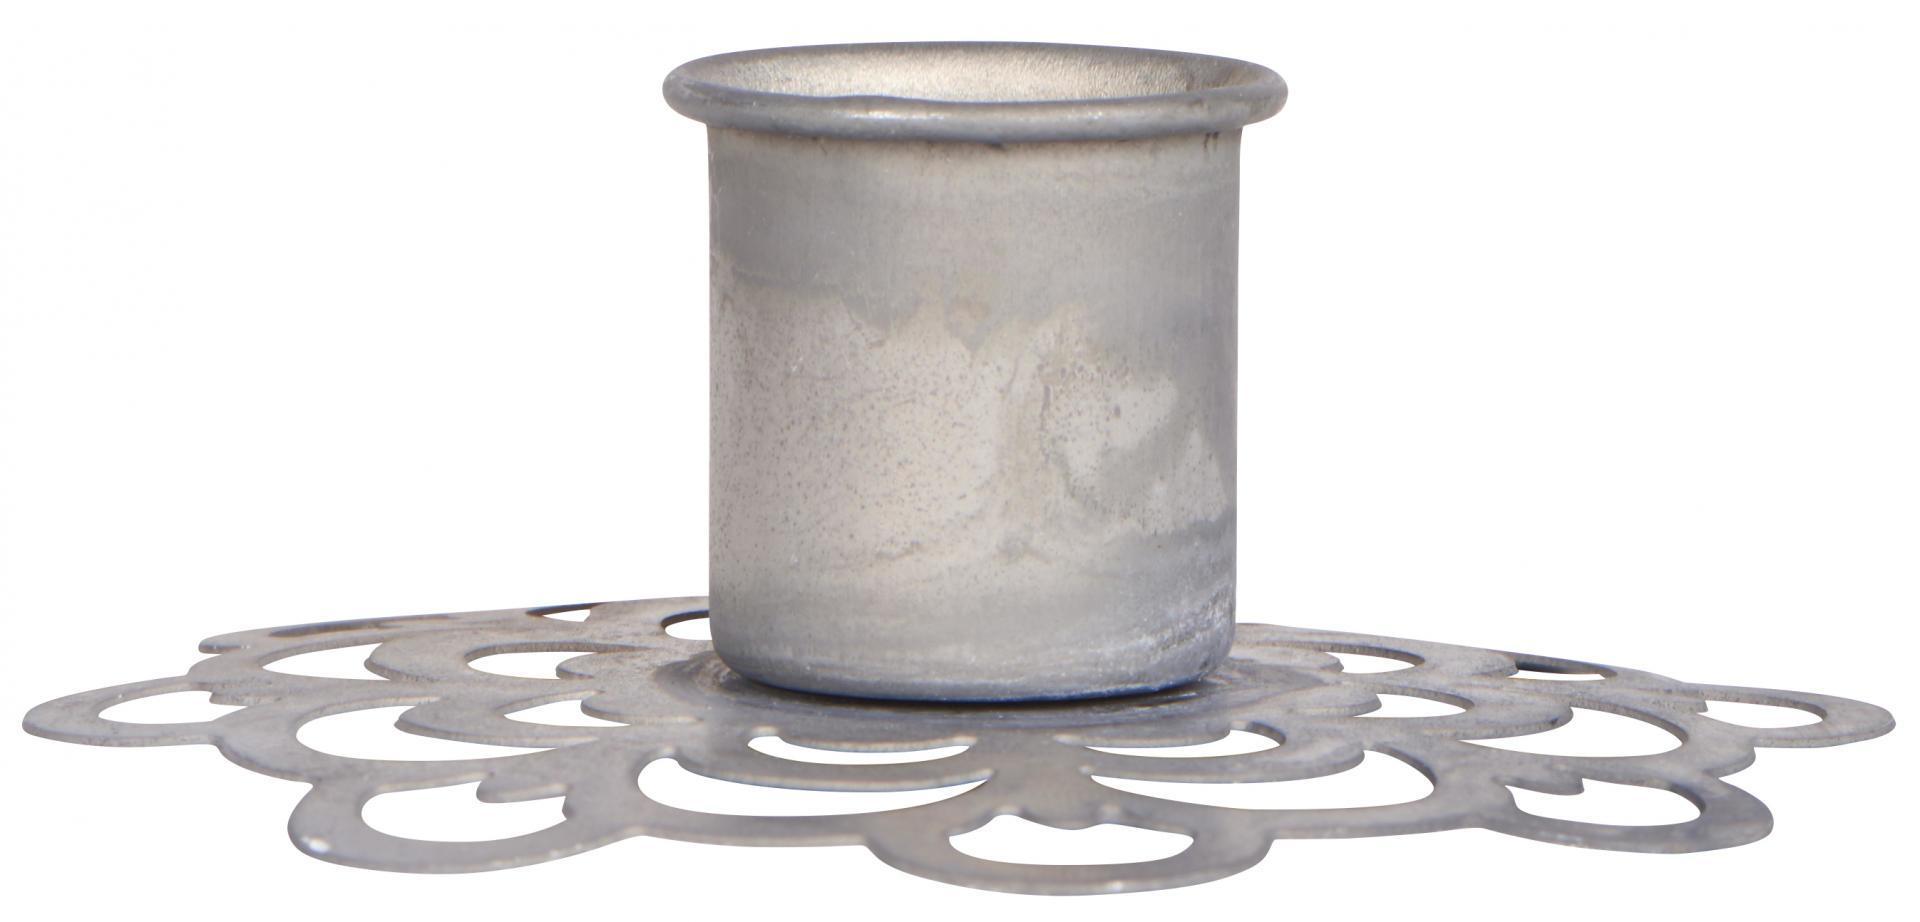 IB LAURSEN Kovový svícen Flower Pattern Grey, šedá barva, kov